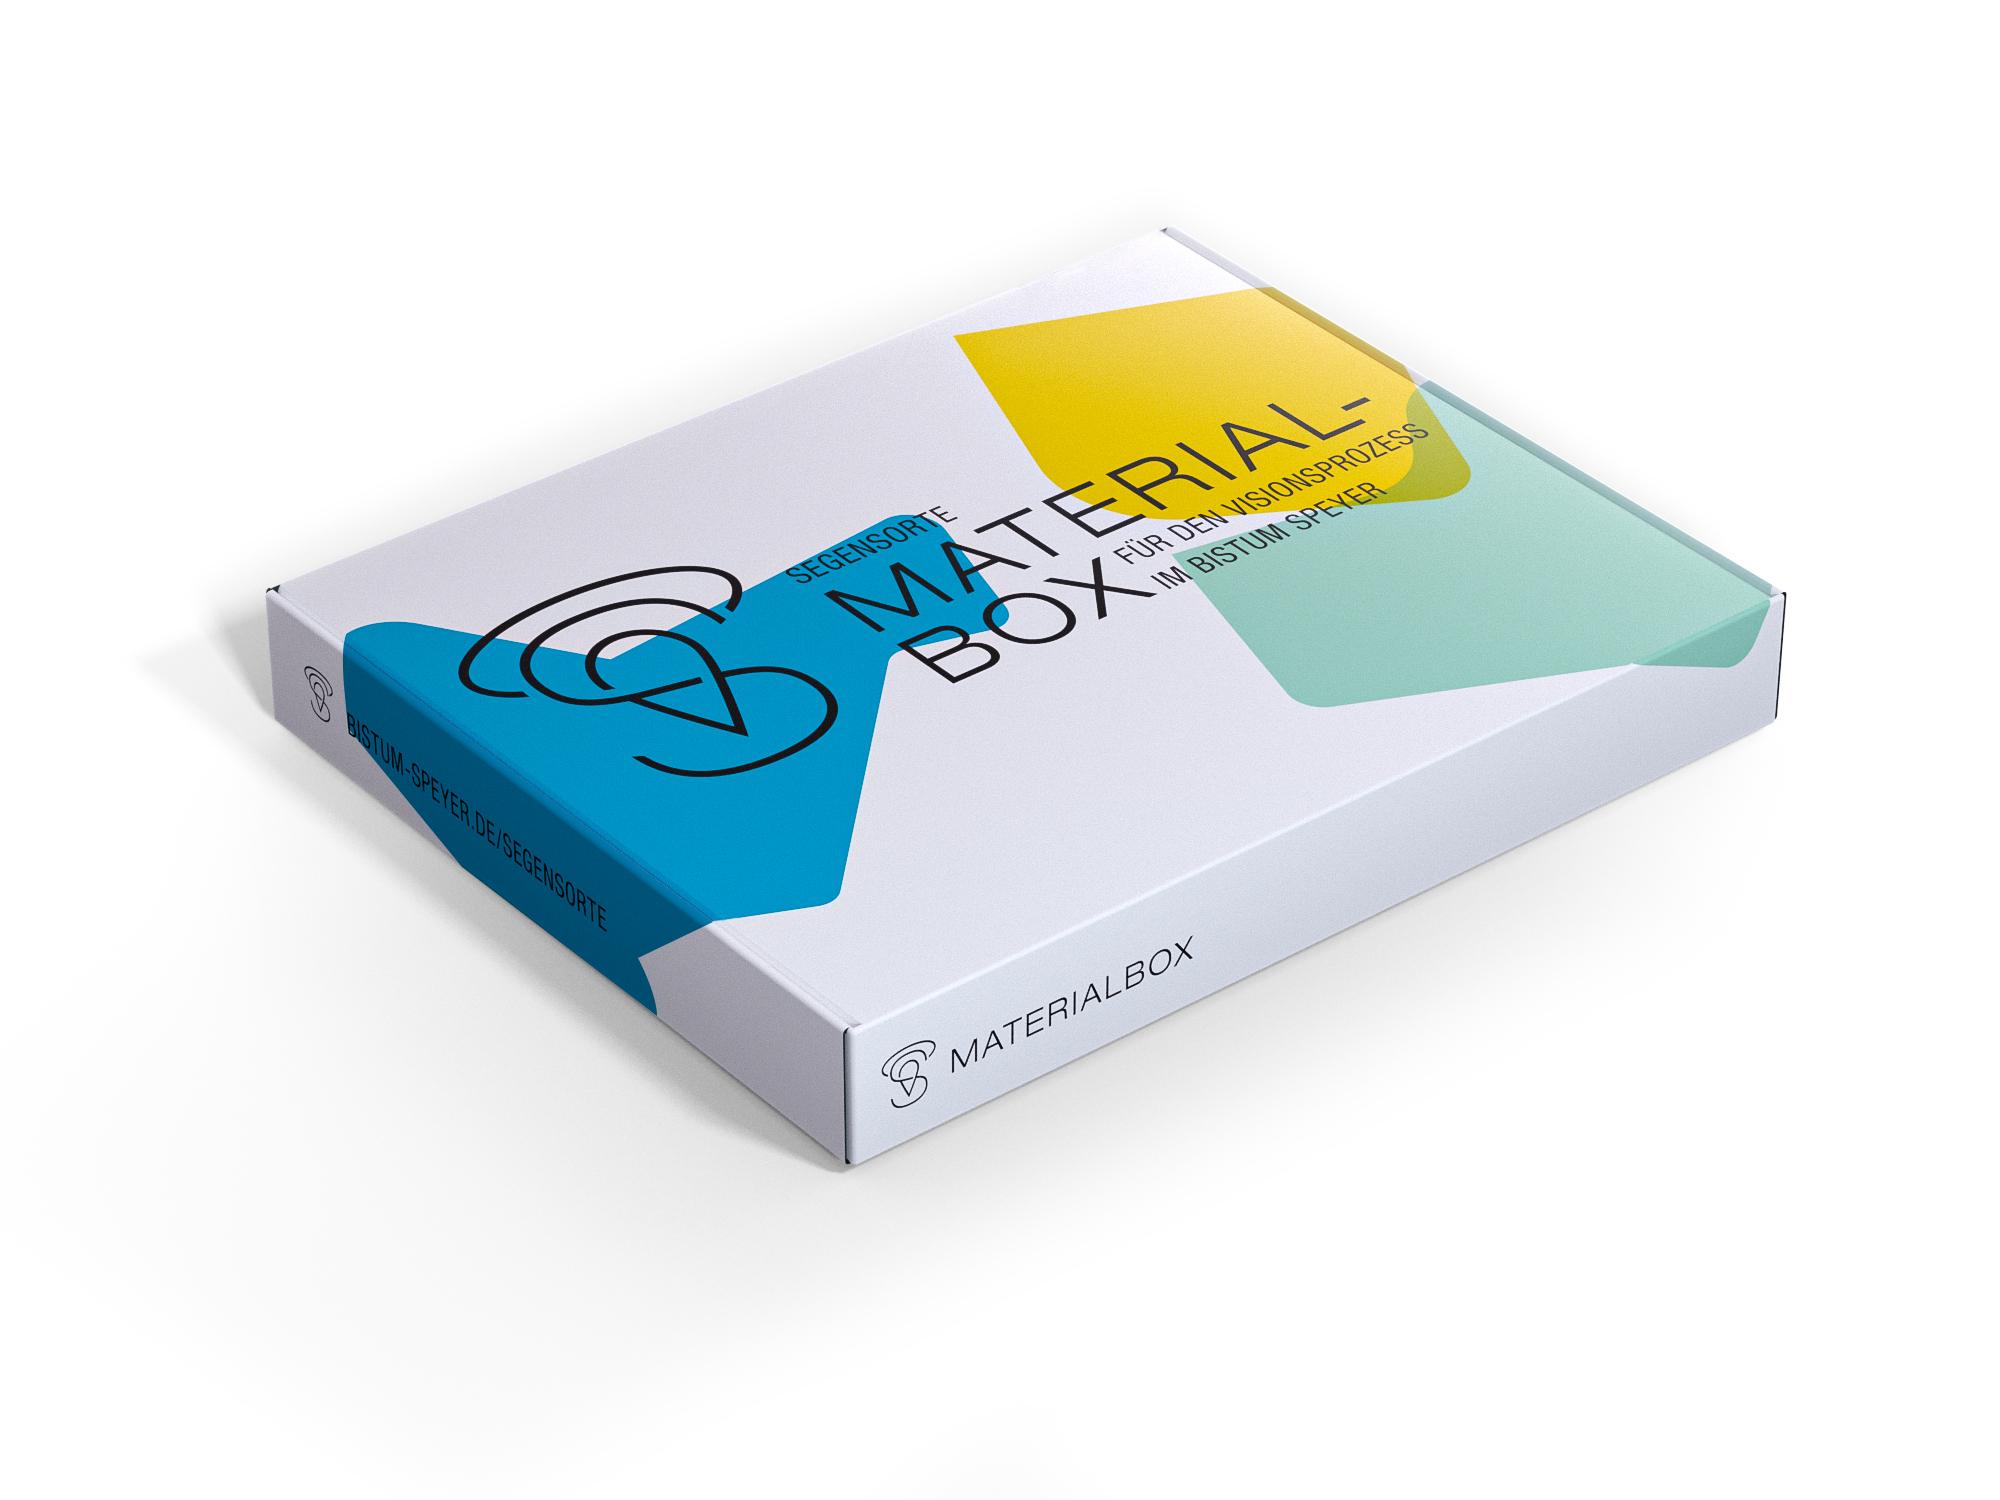 Segensorte Materialbox